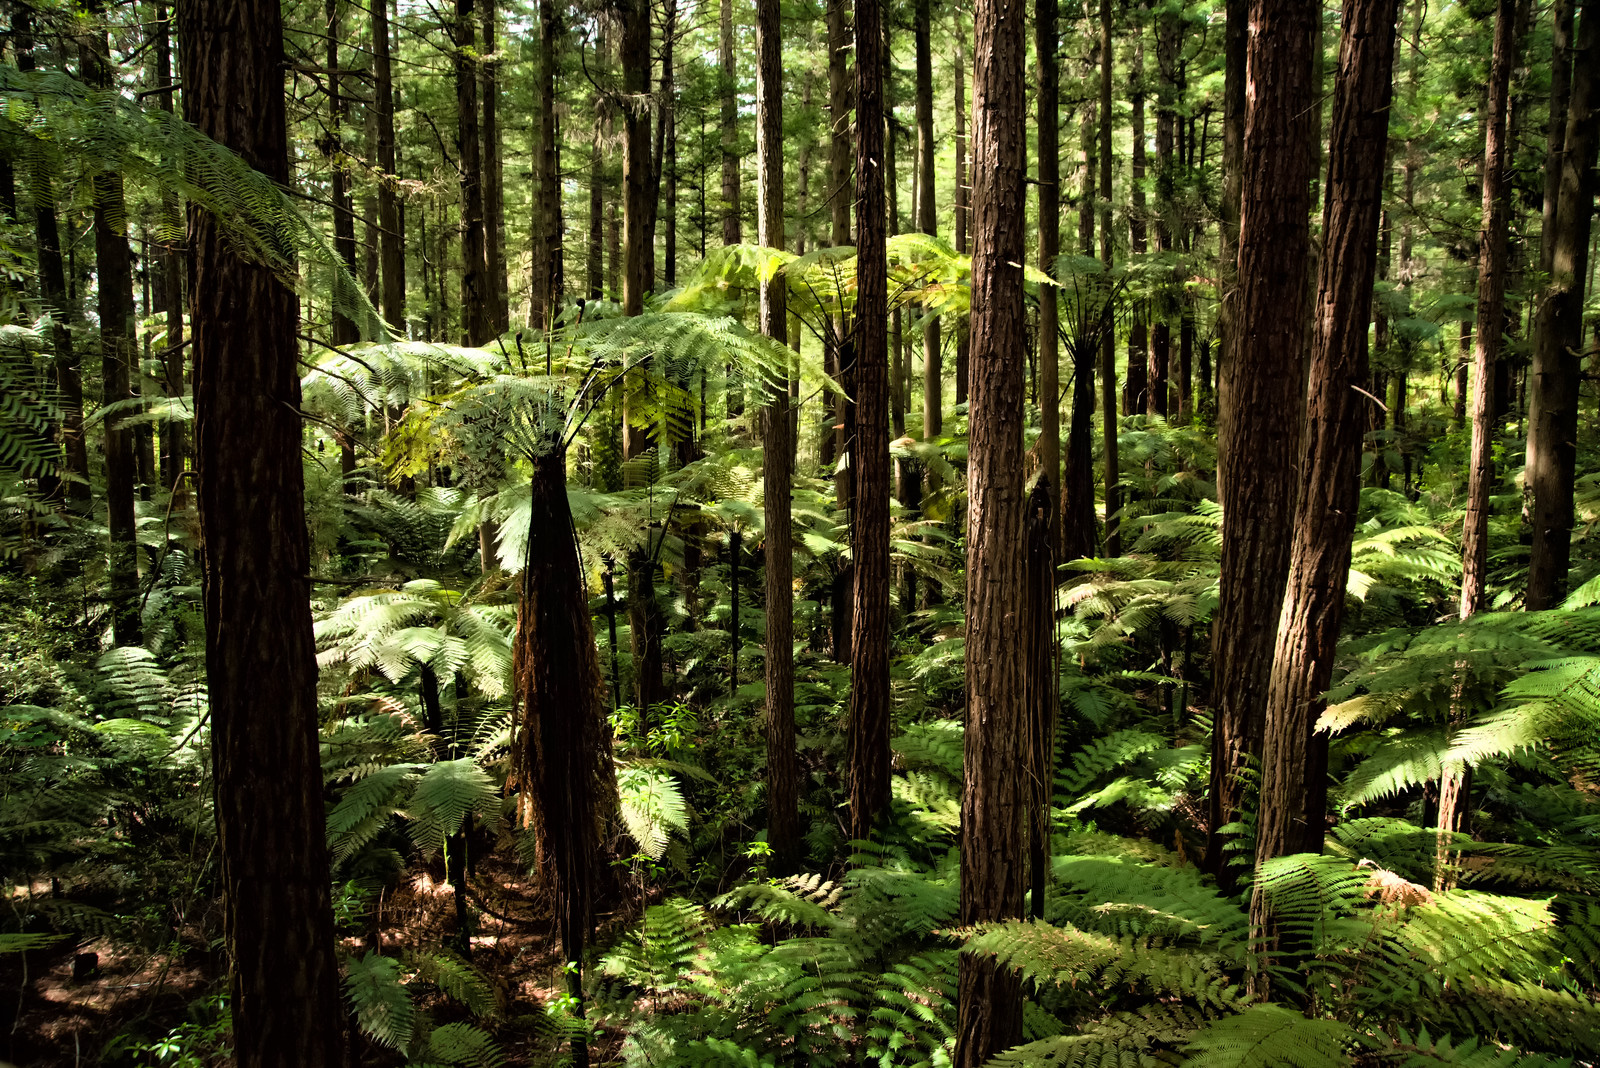 「ジャイアントセコイアとシルバーファーンの森と差し込む光(ニュージーランド) | 写真の無料素材・フリー素材 - ぱくたそ」の写真